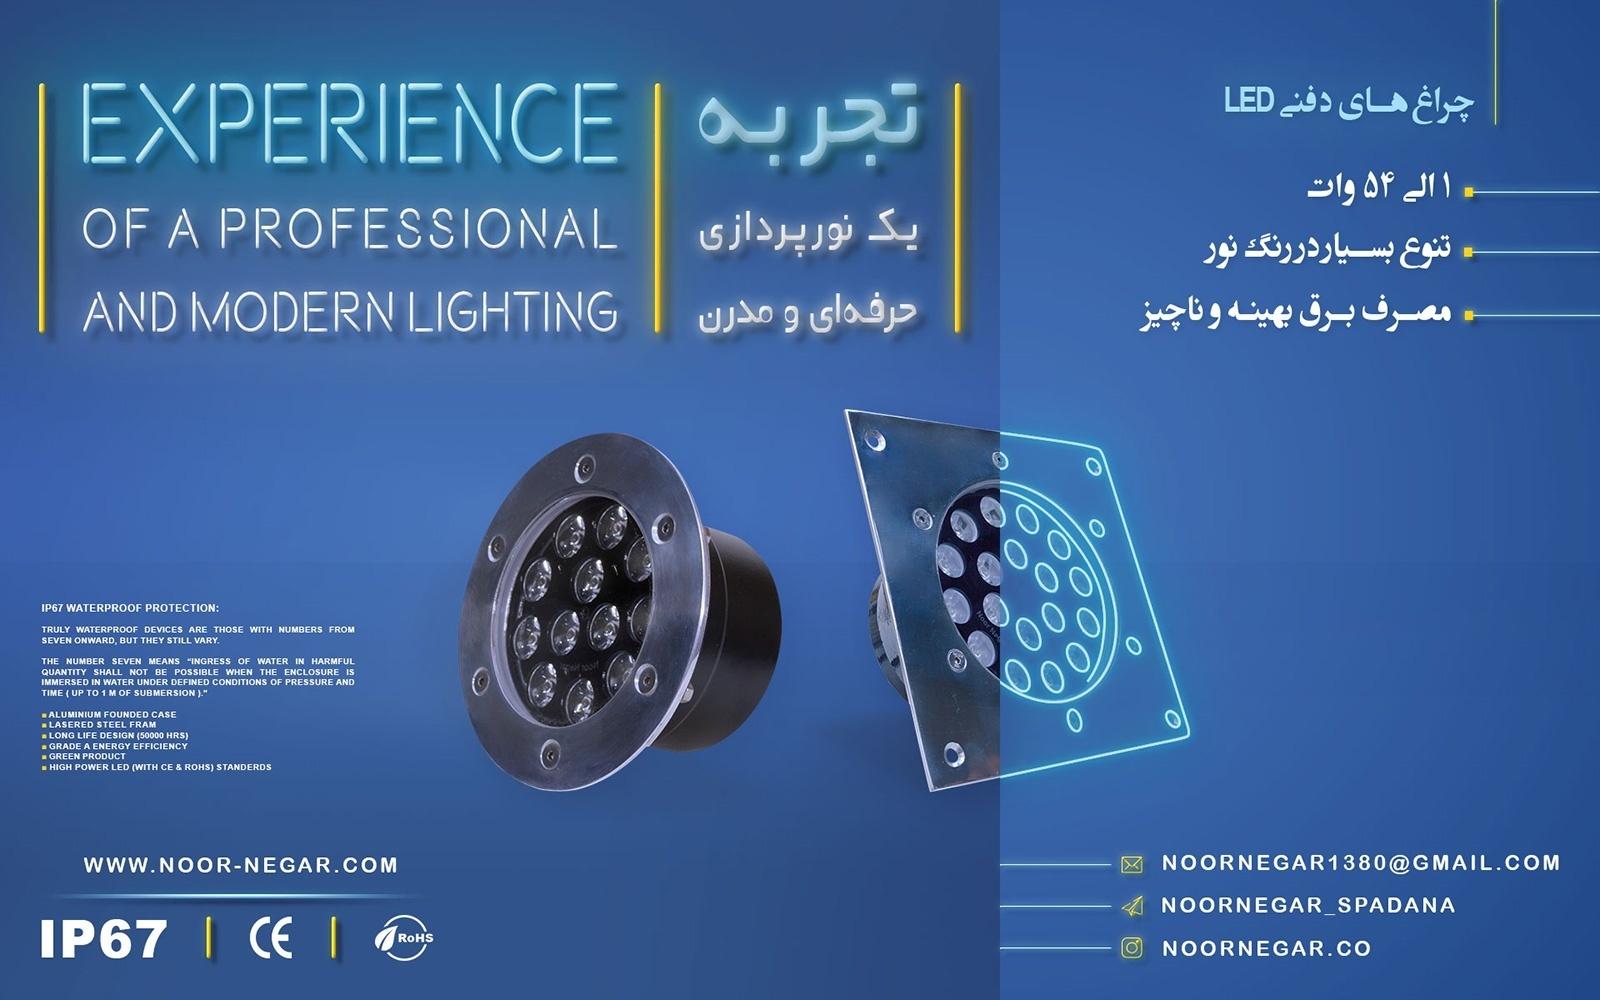 شرکت نورپردازی نورنگار اسپادانا ، نورپردازی تخصصی نما ، فضای سبز و روشنایی سوله ، فروشگاه ، سالن ، باغ و محوطه . نورپردازی حرفه ای در تهران